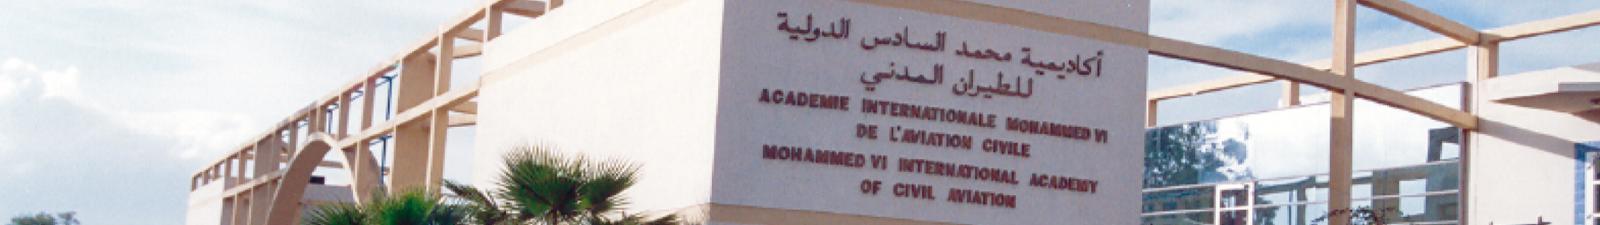 نهضة صناعة الطيران بالمغرب AIAC_rubrique